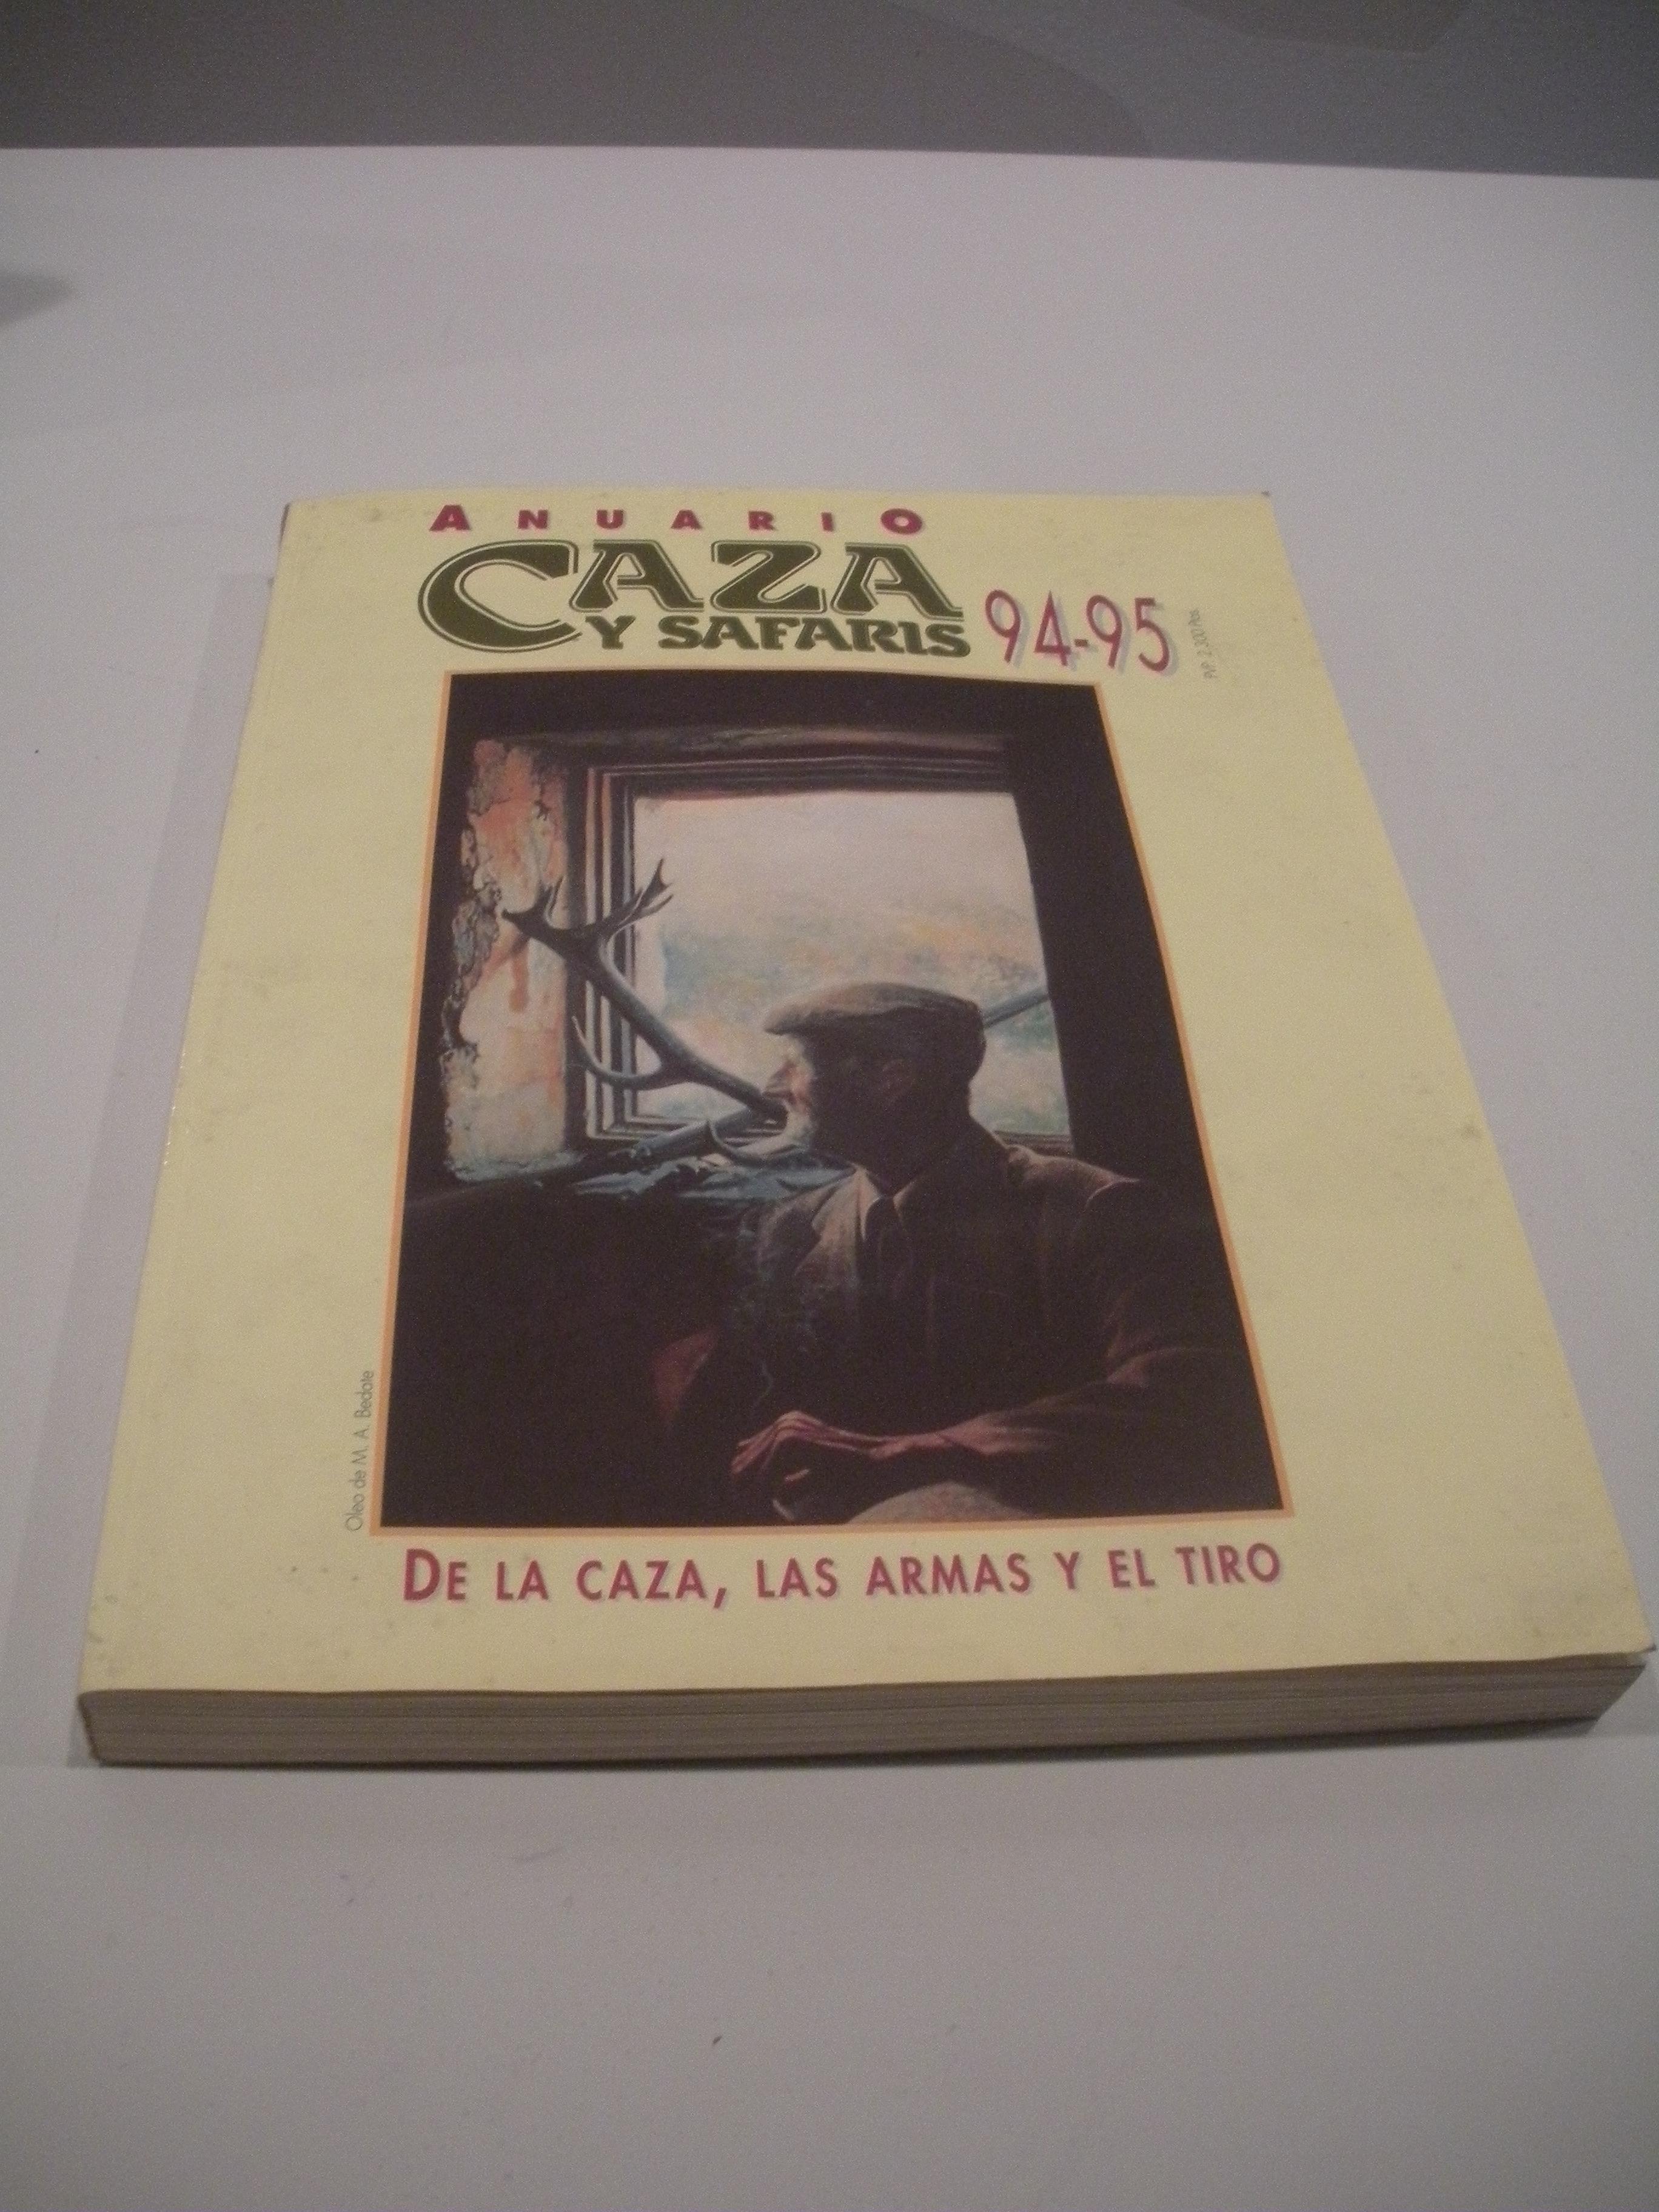 ANUARIO CAZA Y SAFARIS 94 - 95